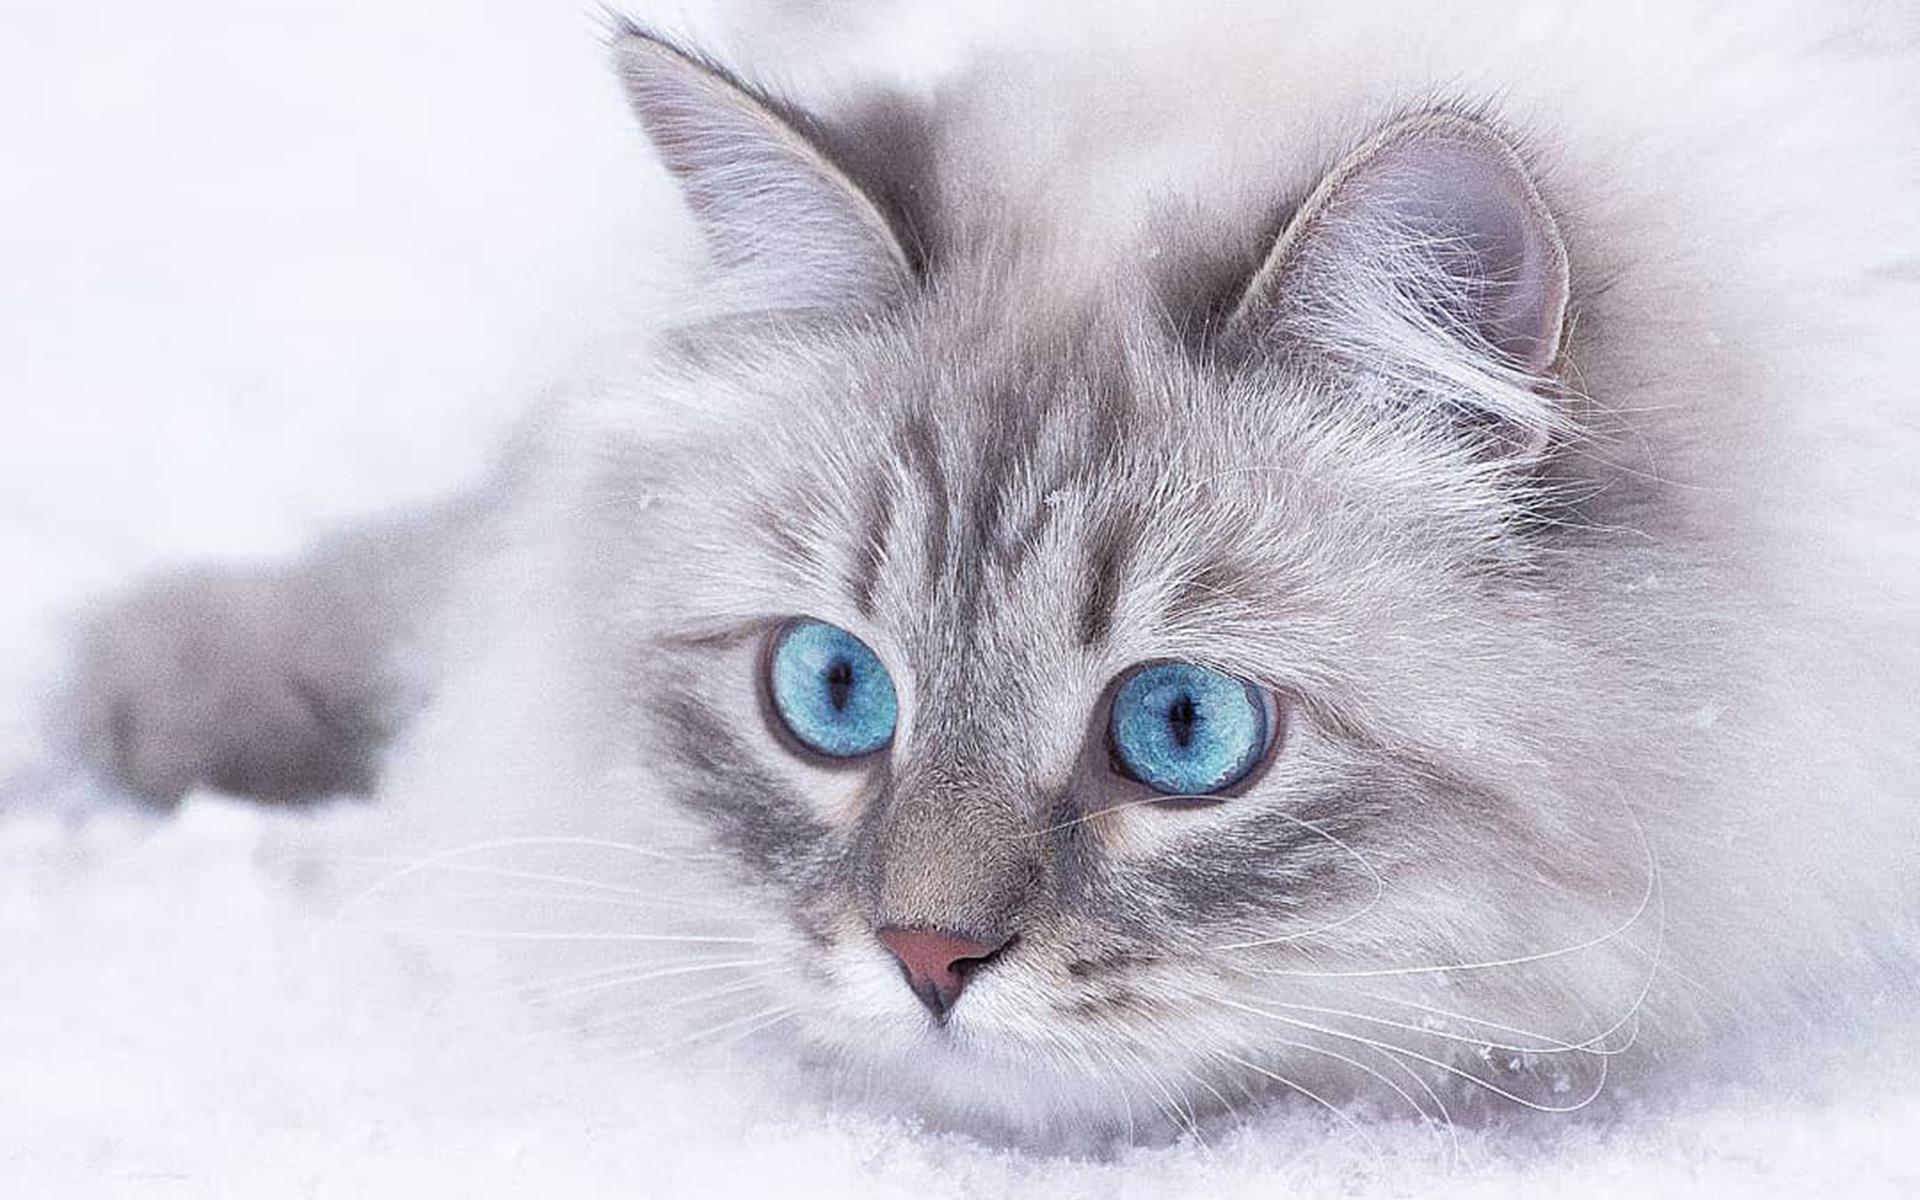 超可爱猫咪清新壁纸_好看的漂亮猫咪